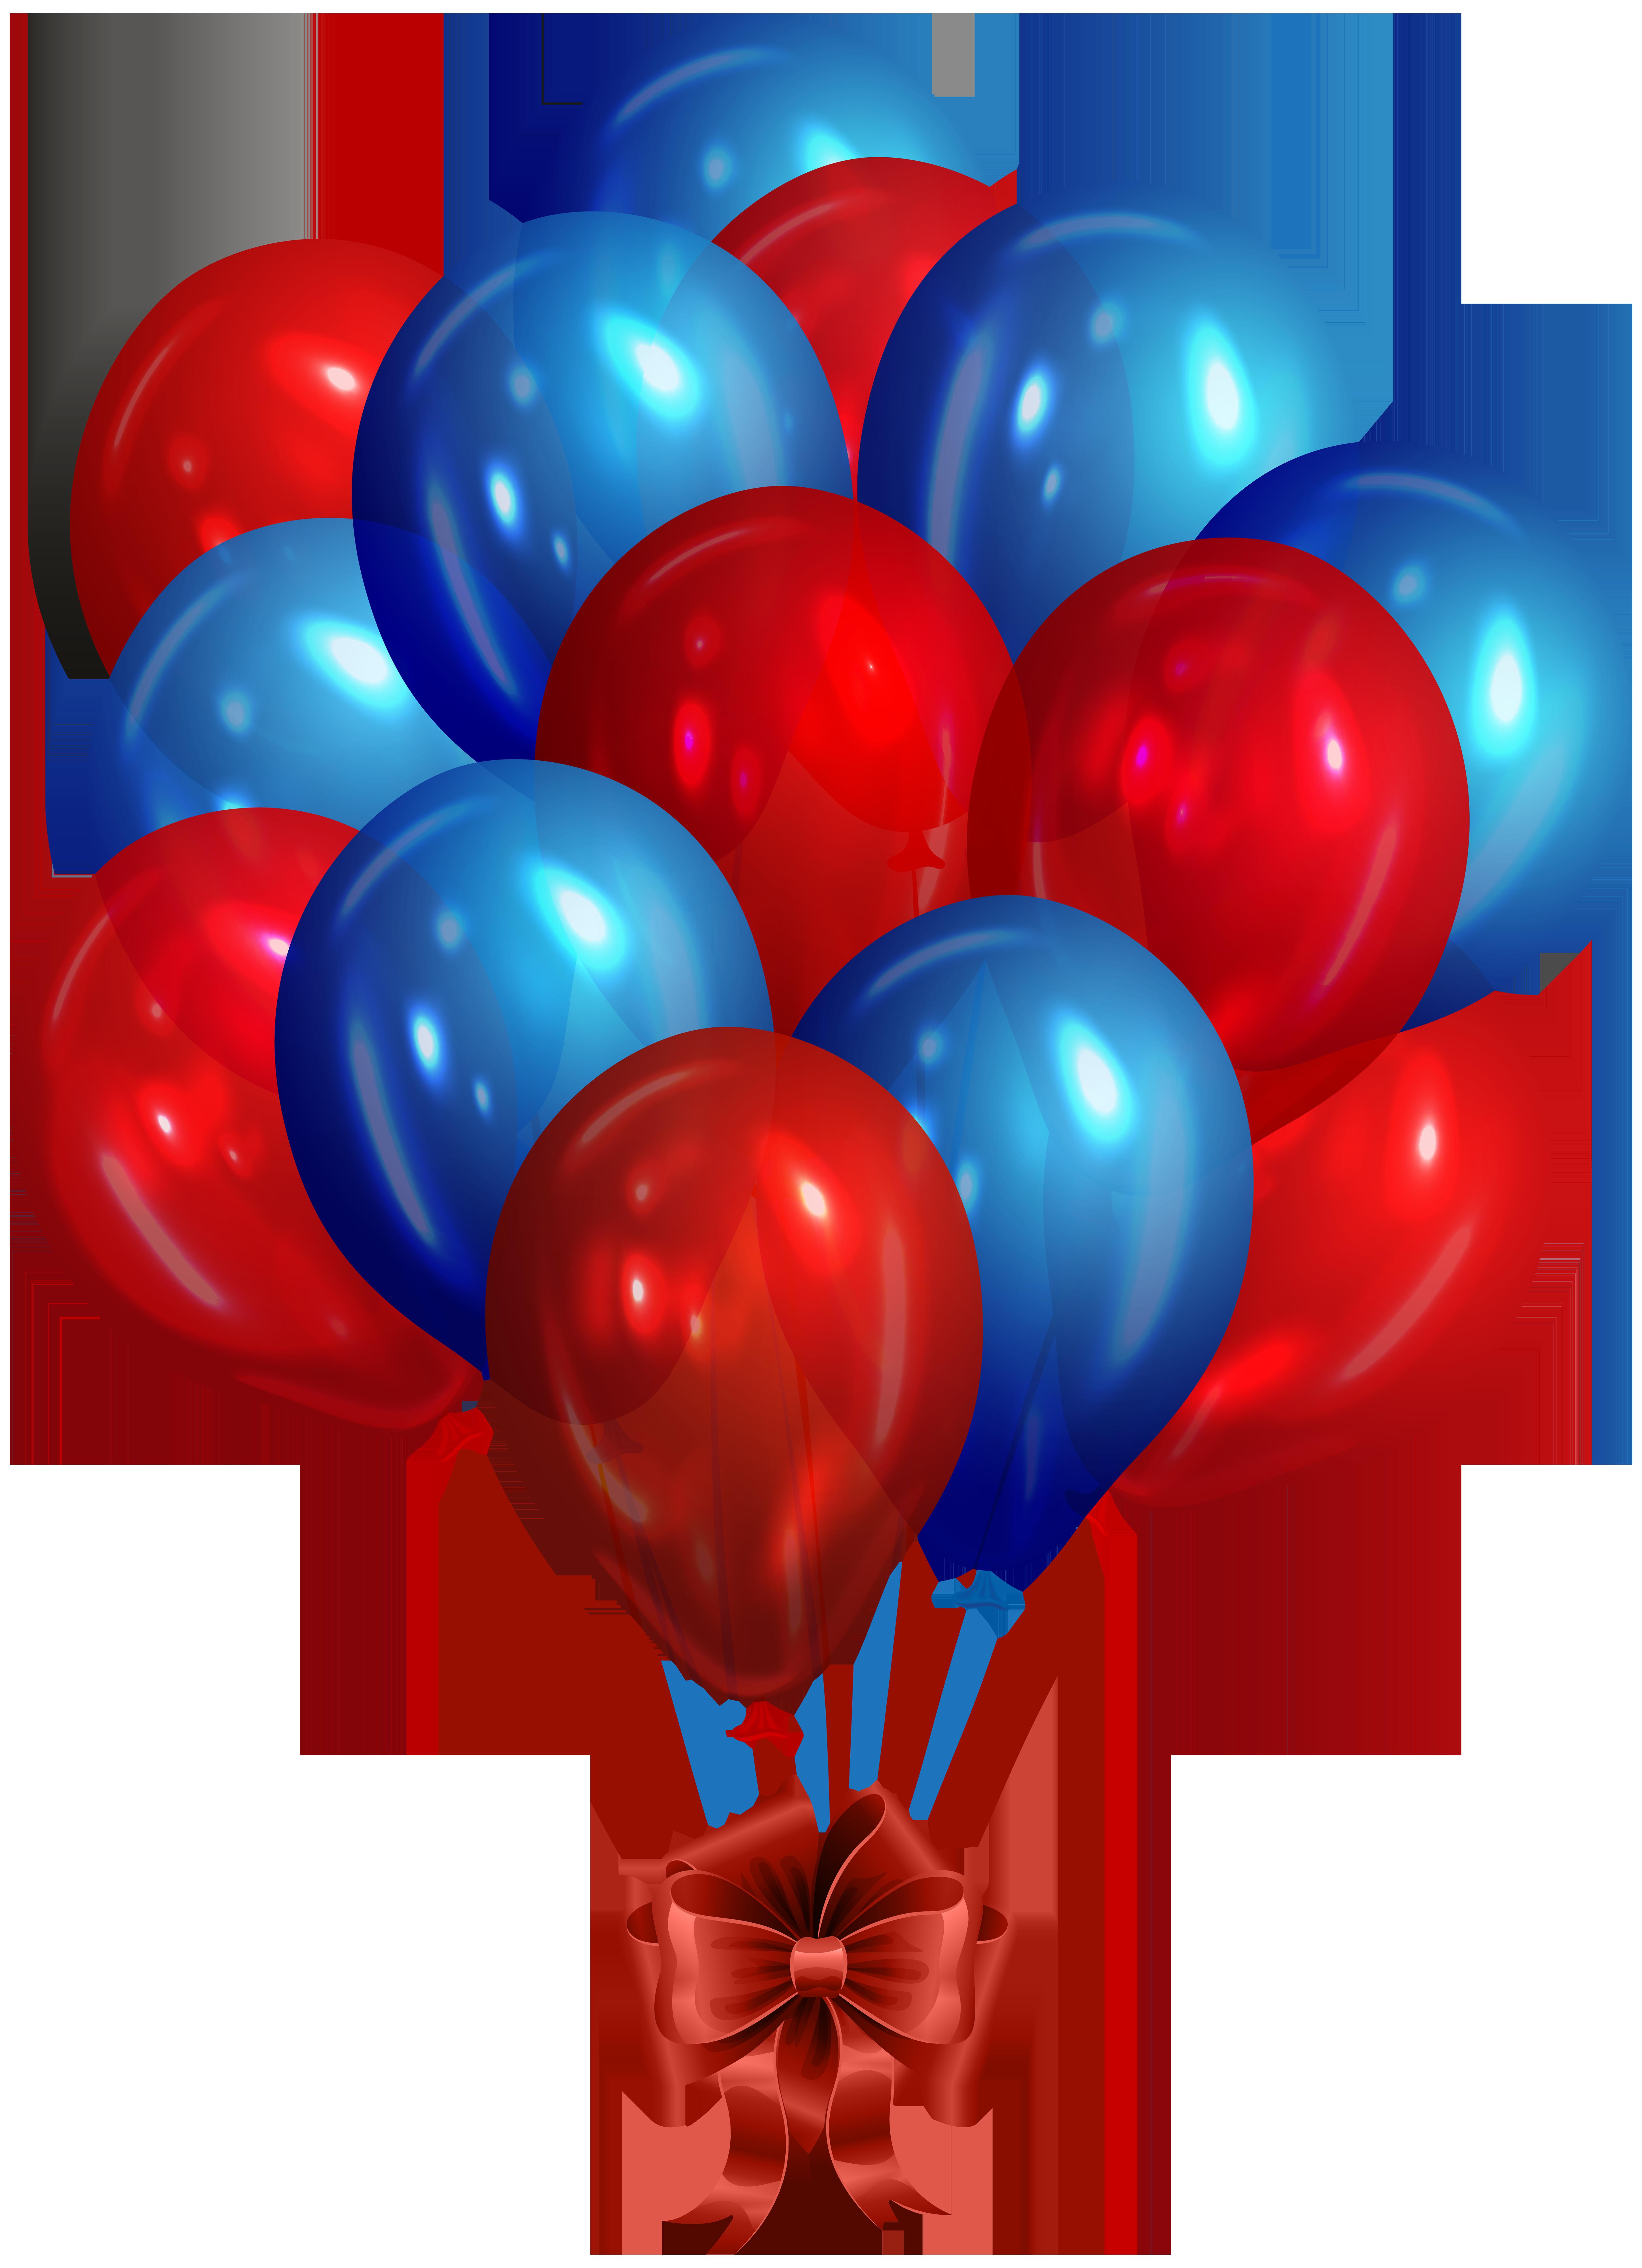 Blue And Red Balloons Balao Vermelho Imagens De Baloes Baloes Azuis